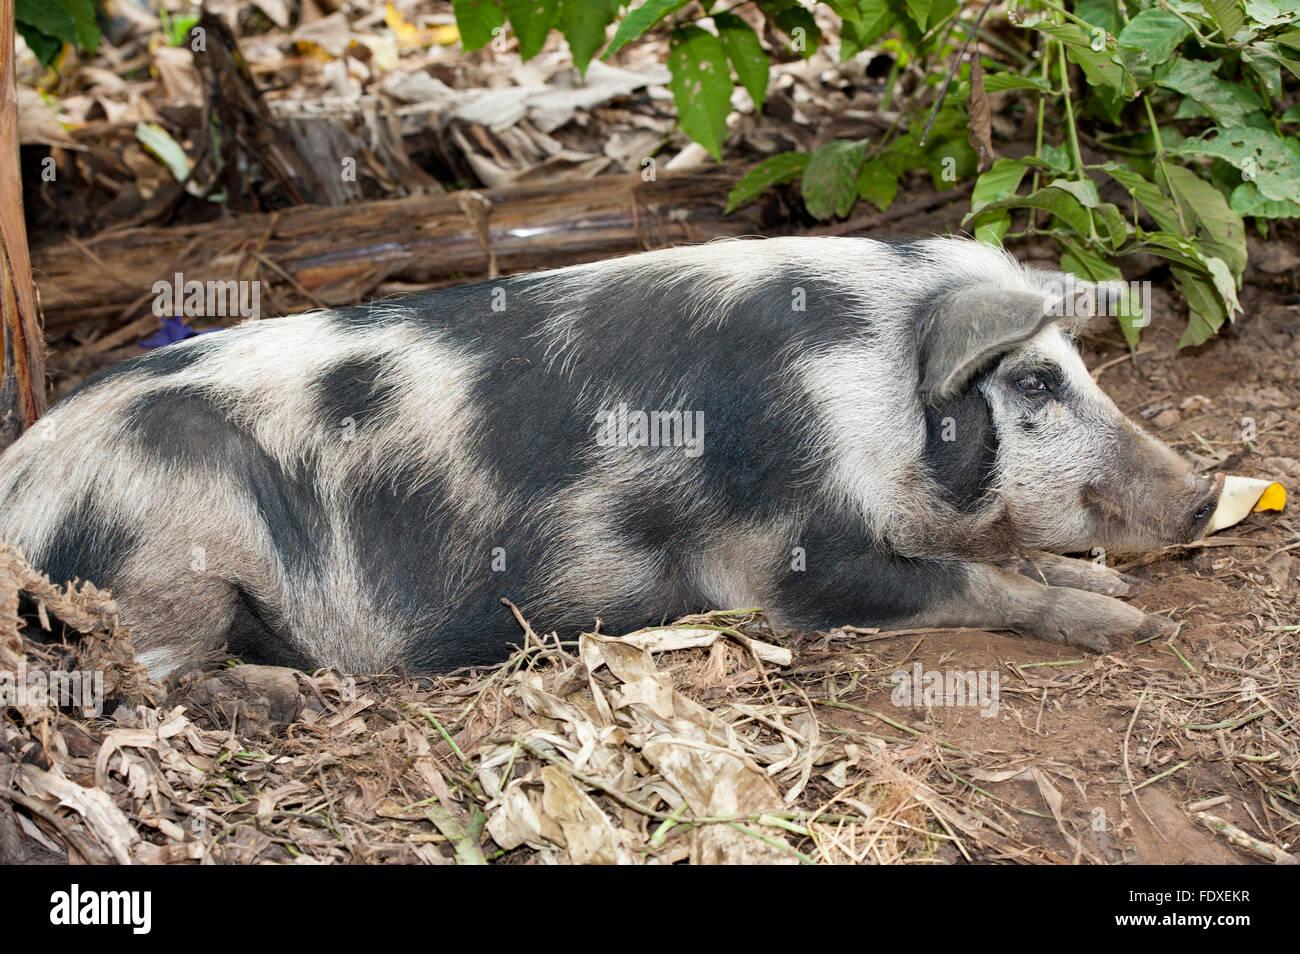 Macchiato il maiale a penna sulla fattoria in Uganda. Immagini Stock